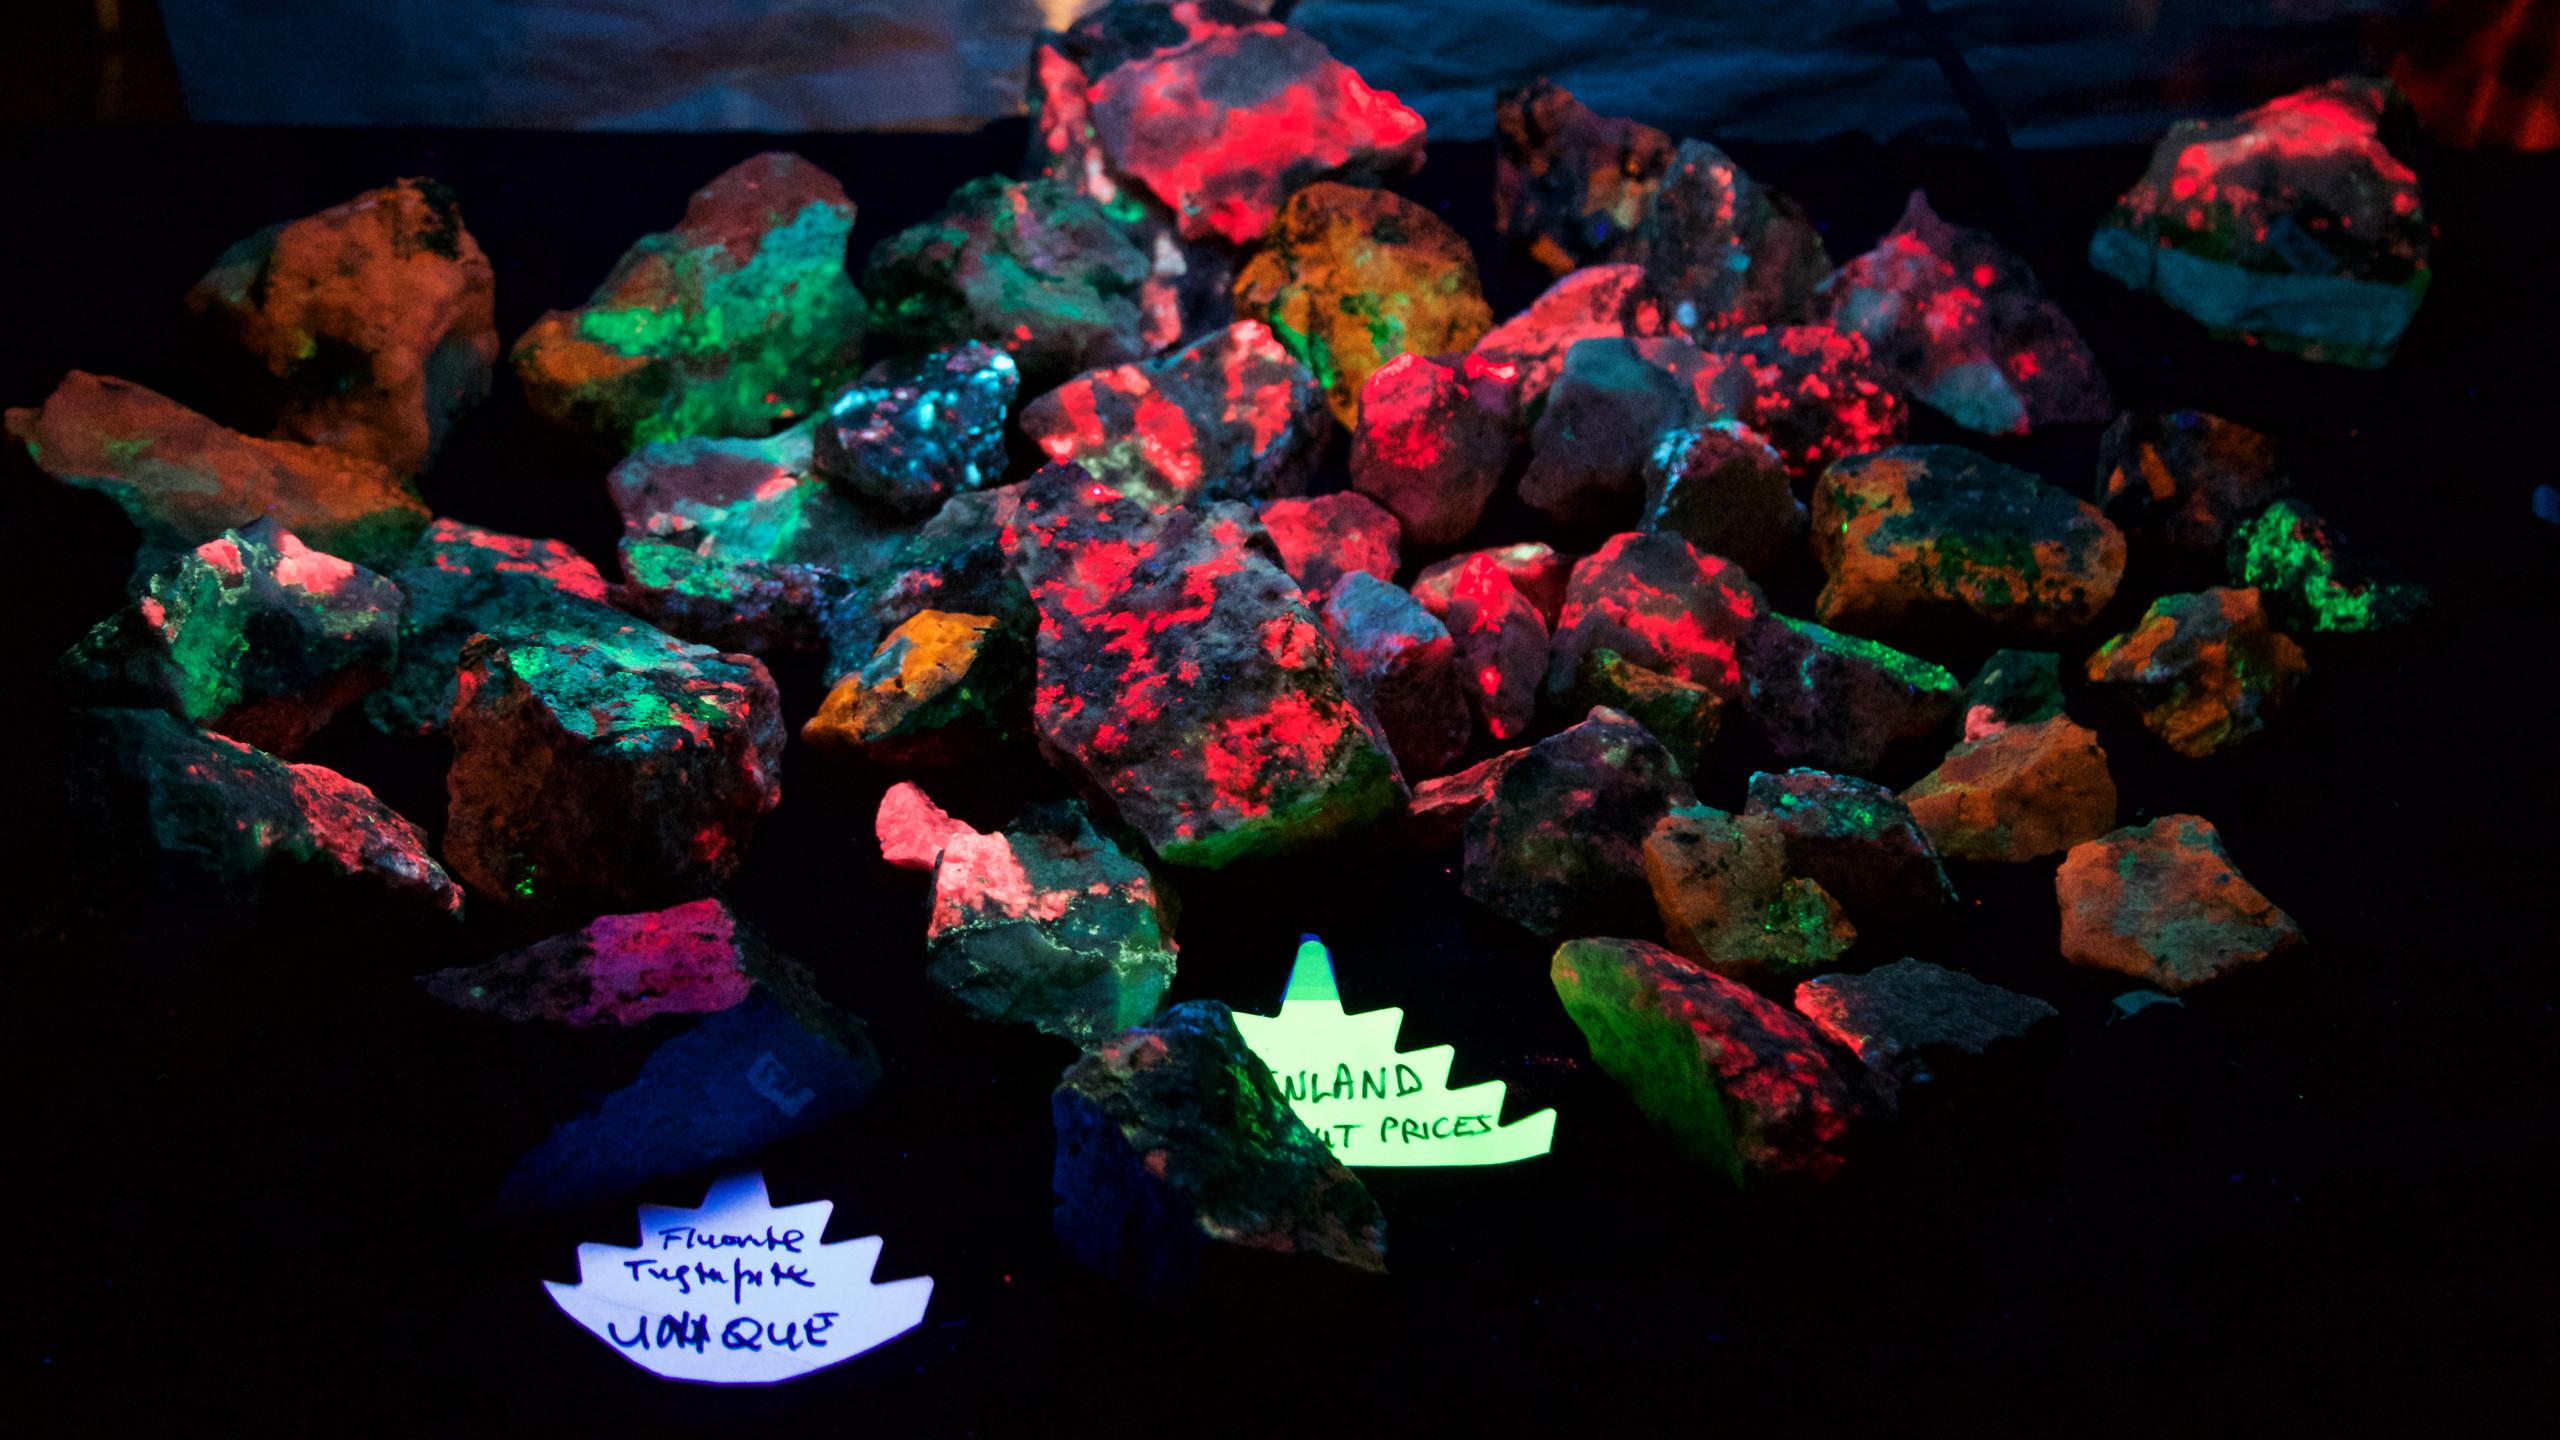 Howie Green's Greenland rocks